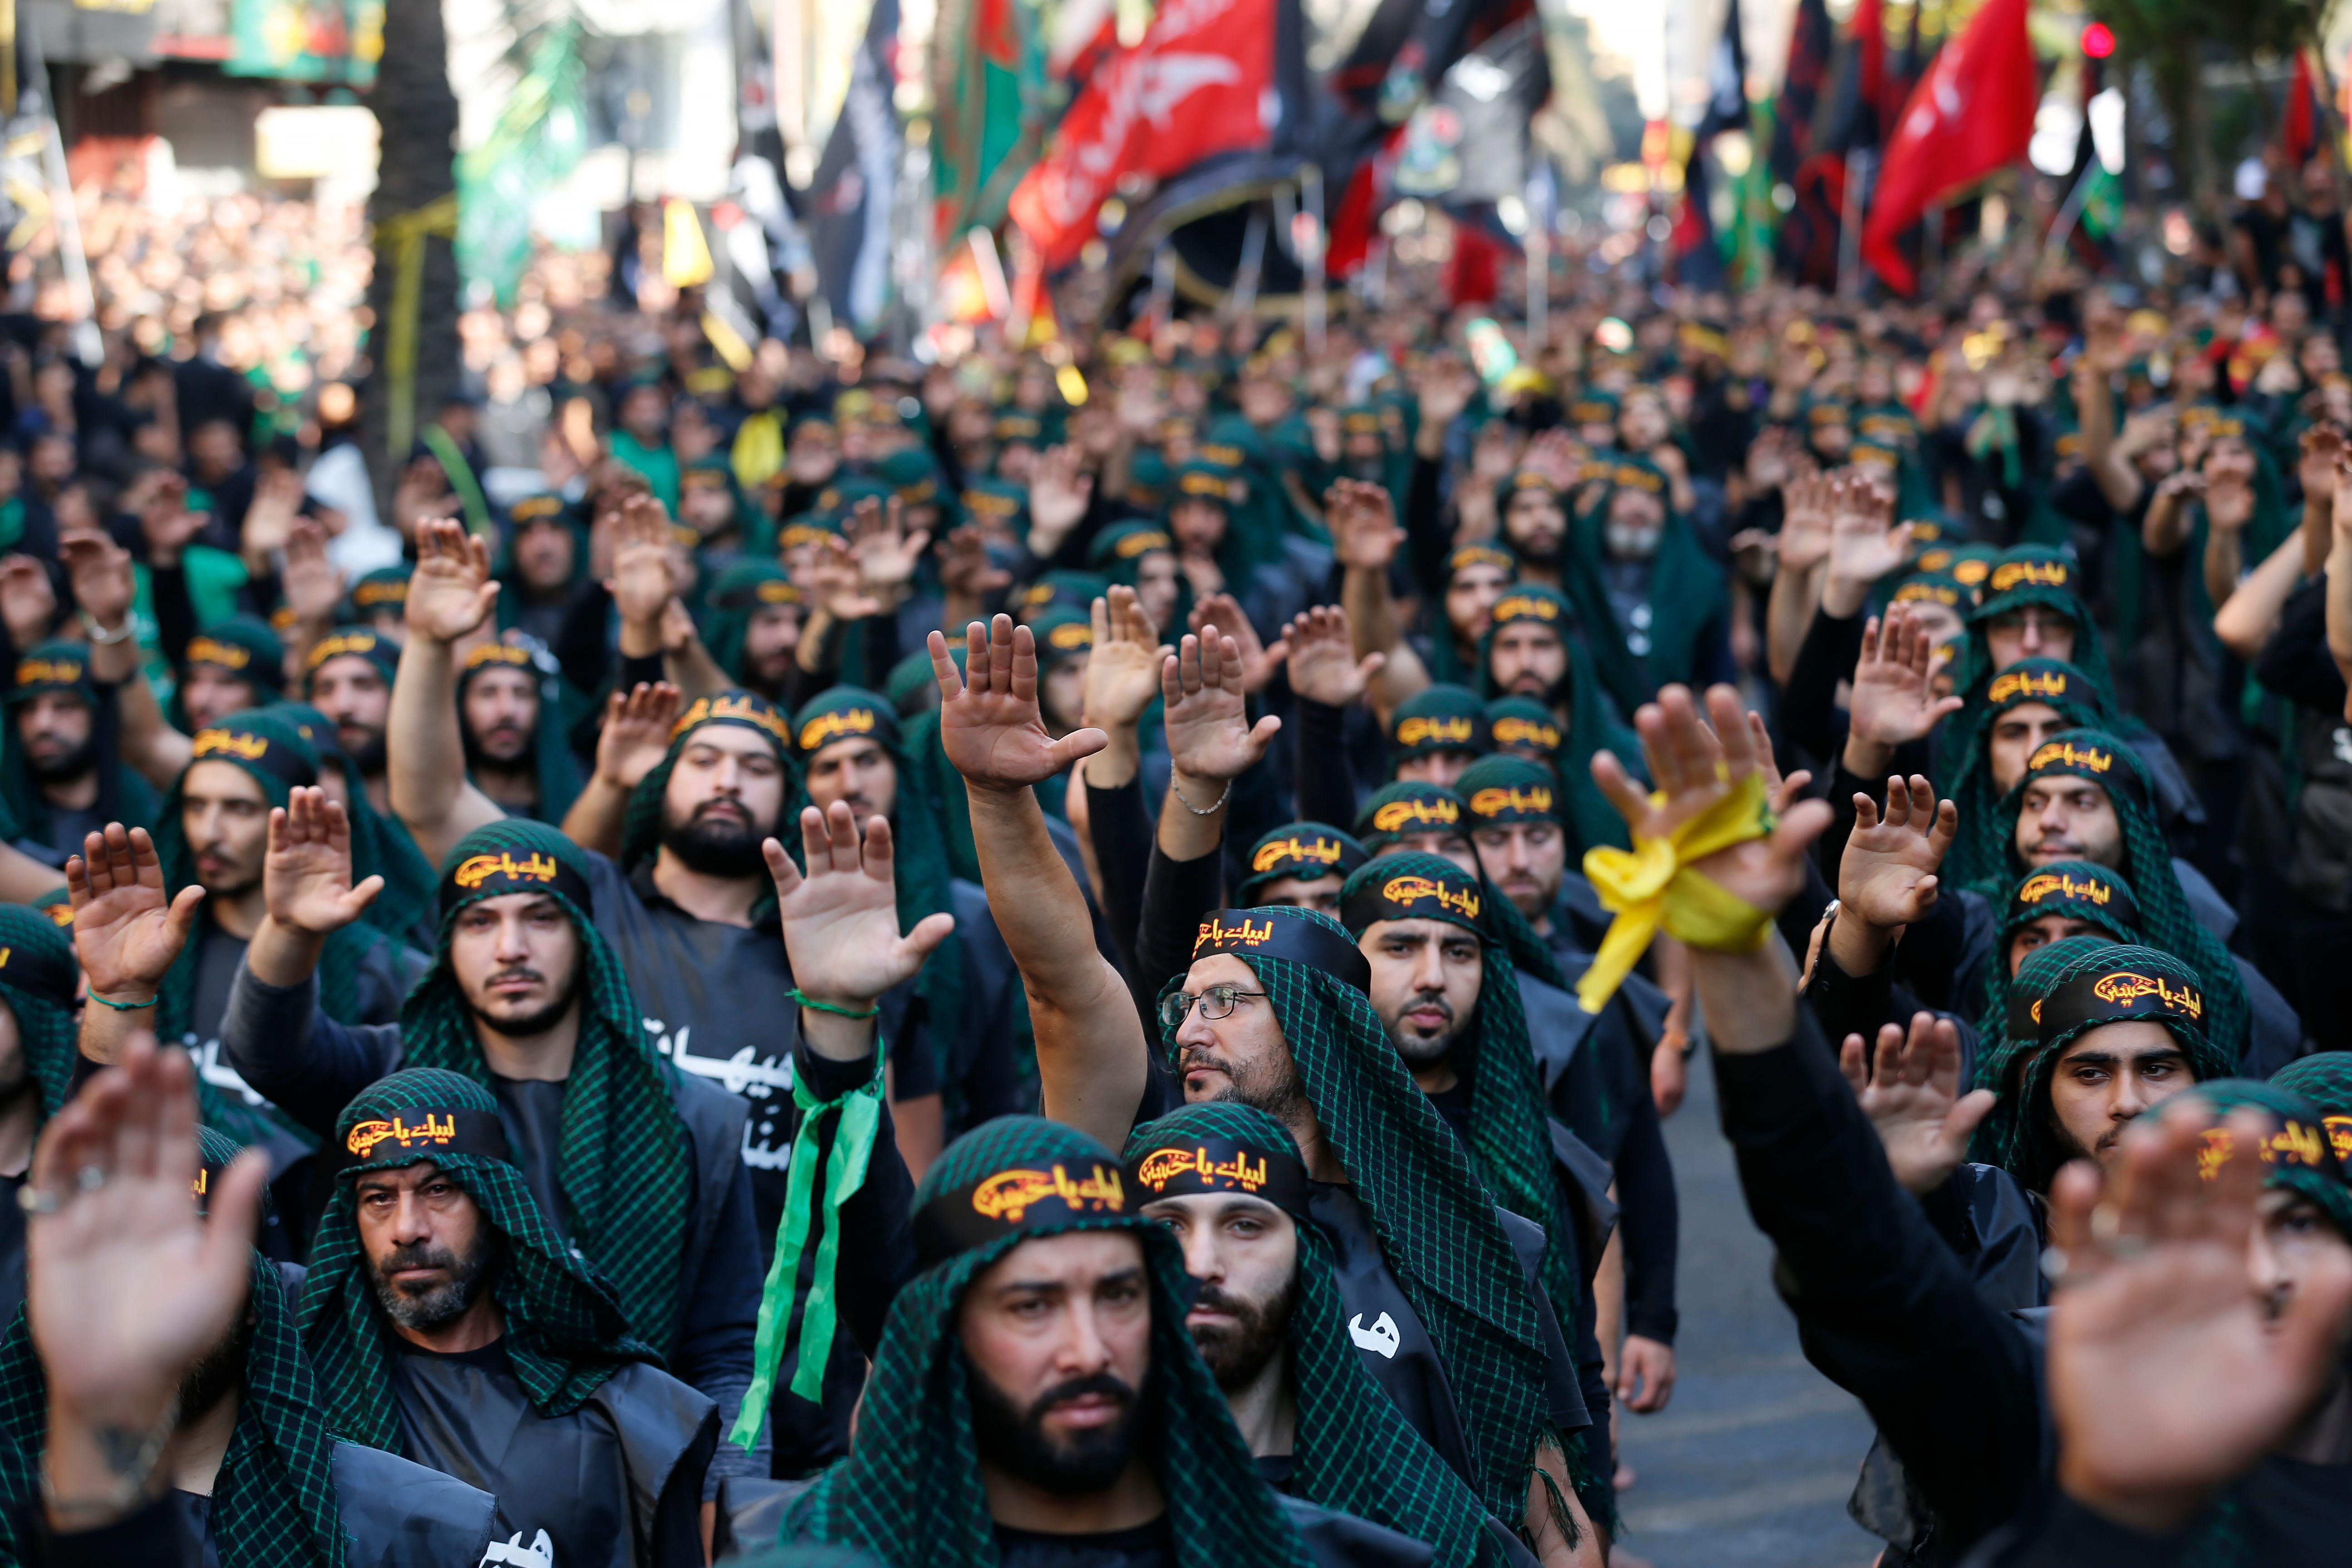 Hisbollah-Betätigungsverbot zeigt bisher wenig Wirkung